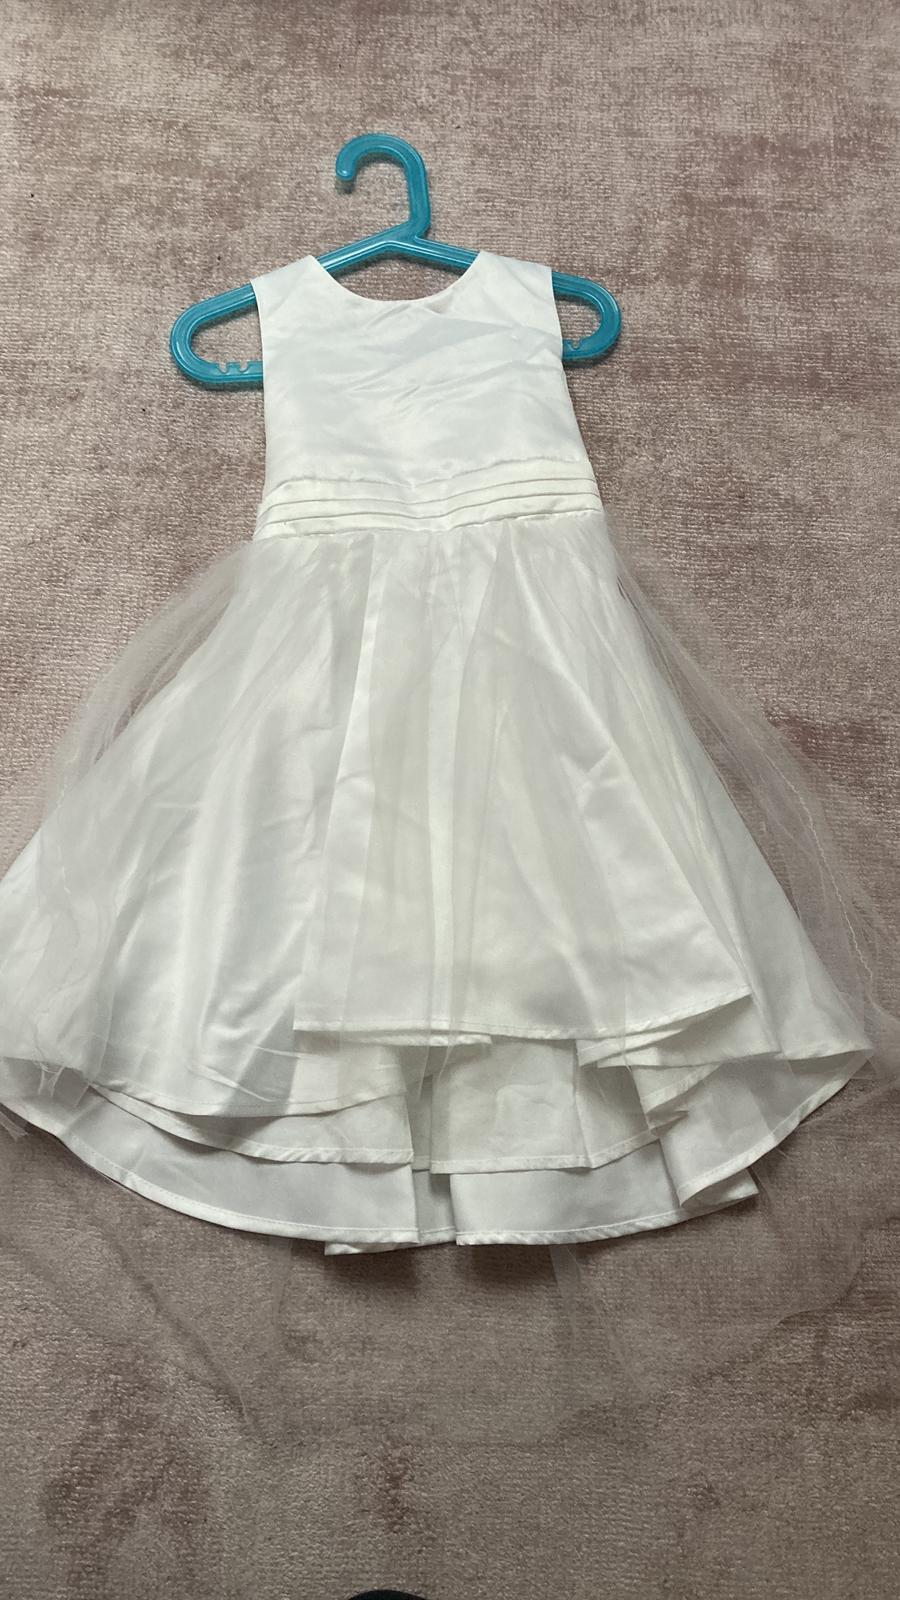 šaty vel 104 - Obrázek č. 1